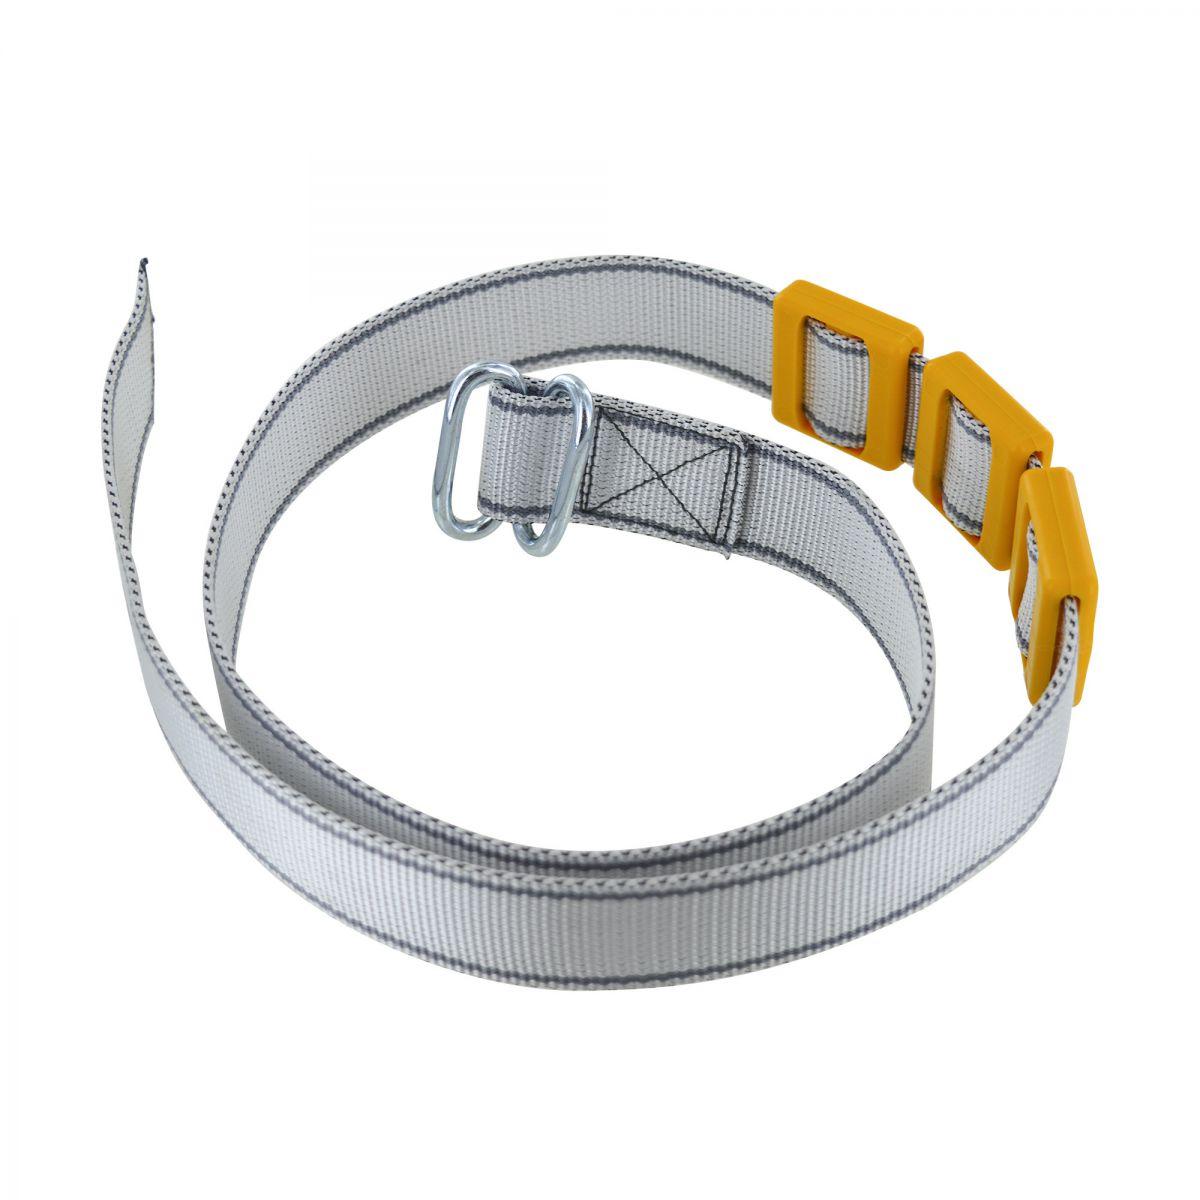 halsband met gesp 2x6 mm ovaal 40 mm 13 m zilvergrijs